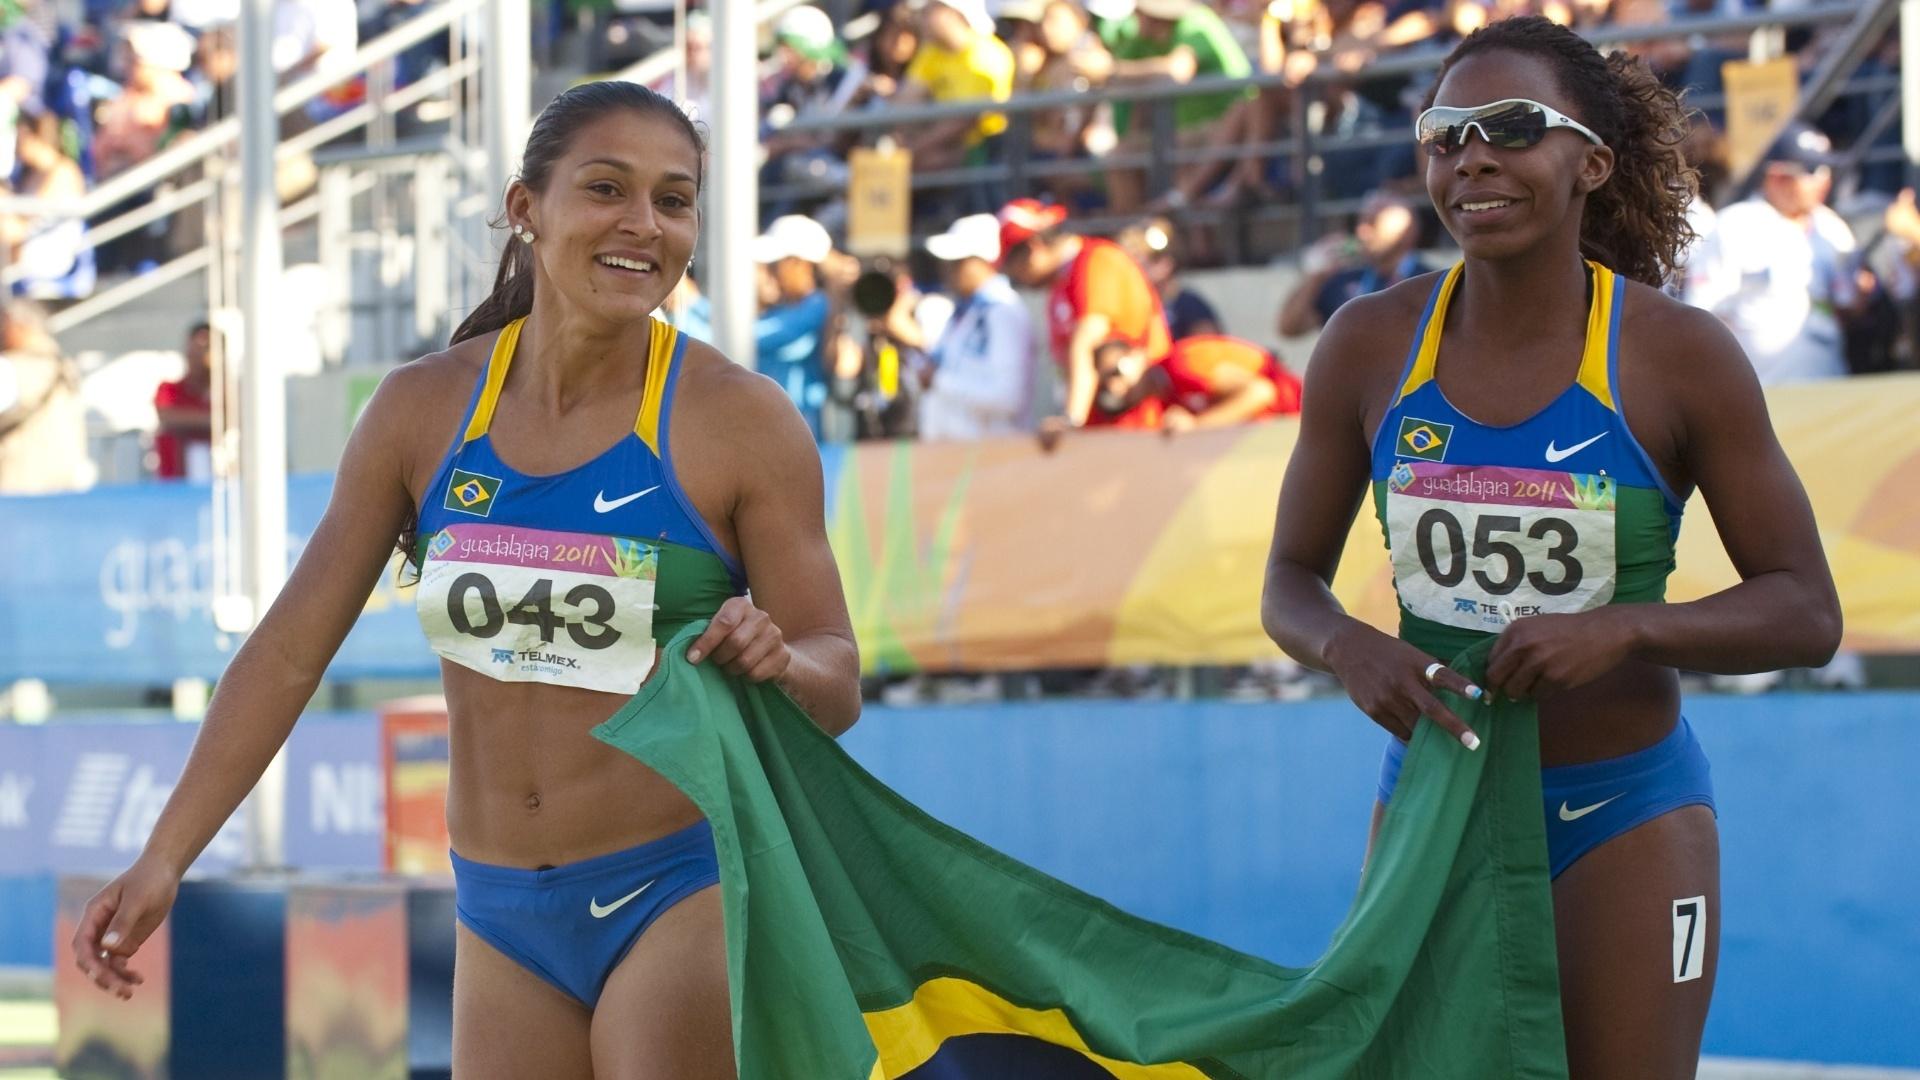 As meninas do revezamento 4x100 m venceram o ouro em Guadalajara (28/10/2011)